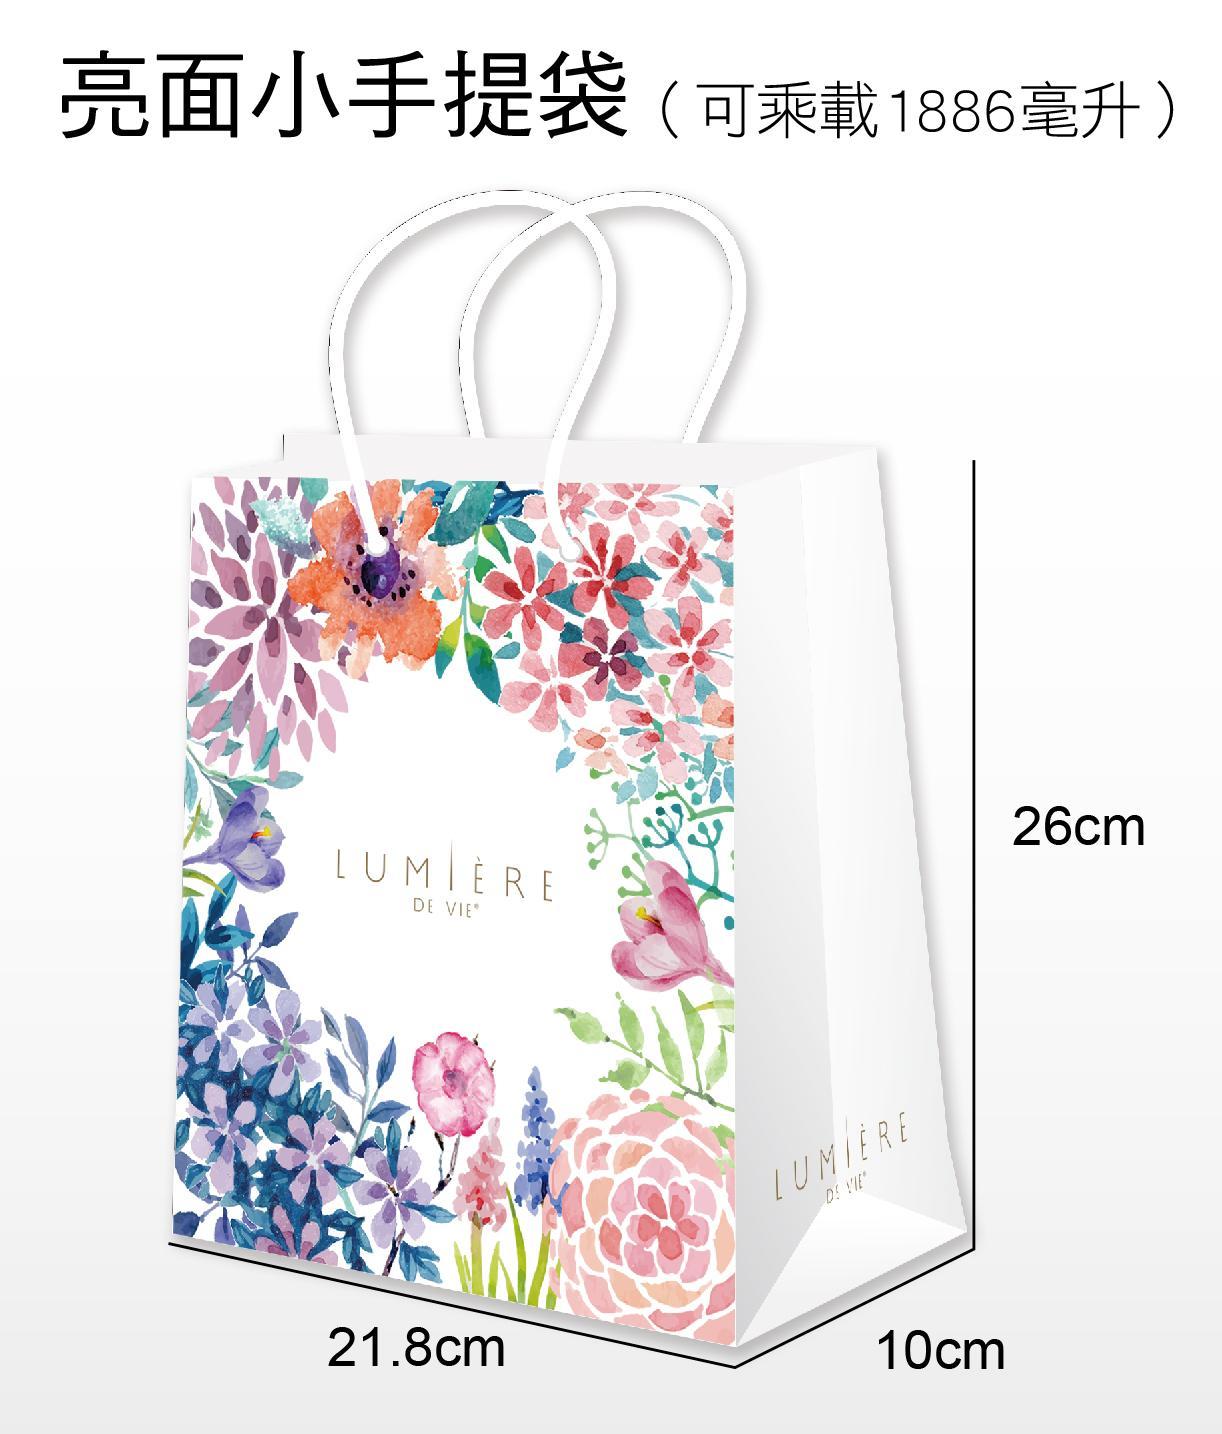 若美芙(白底花朵)亮面小手提袋-21.8x26x10cm-(10只1包)